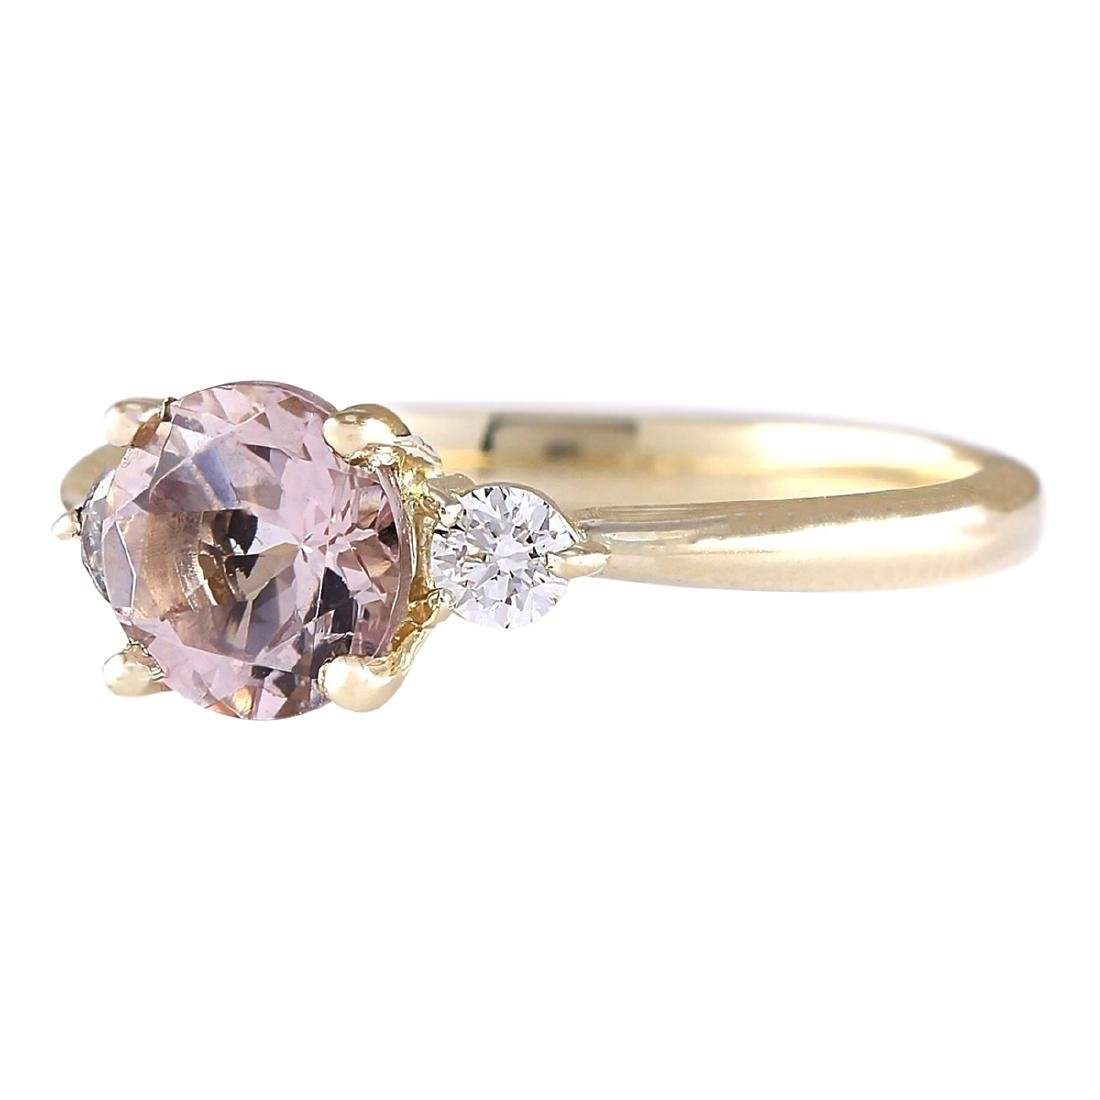 1.20 CTW Natural Morganite And Diamond Ring In 18K - 2